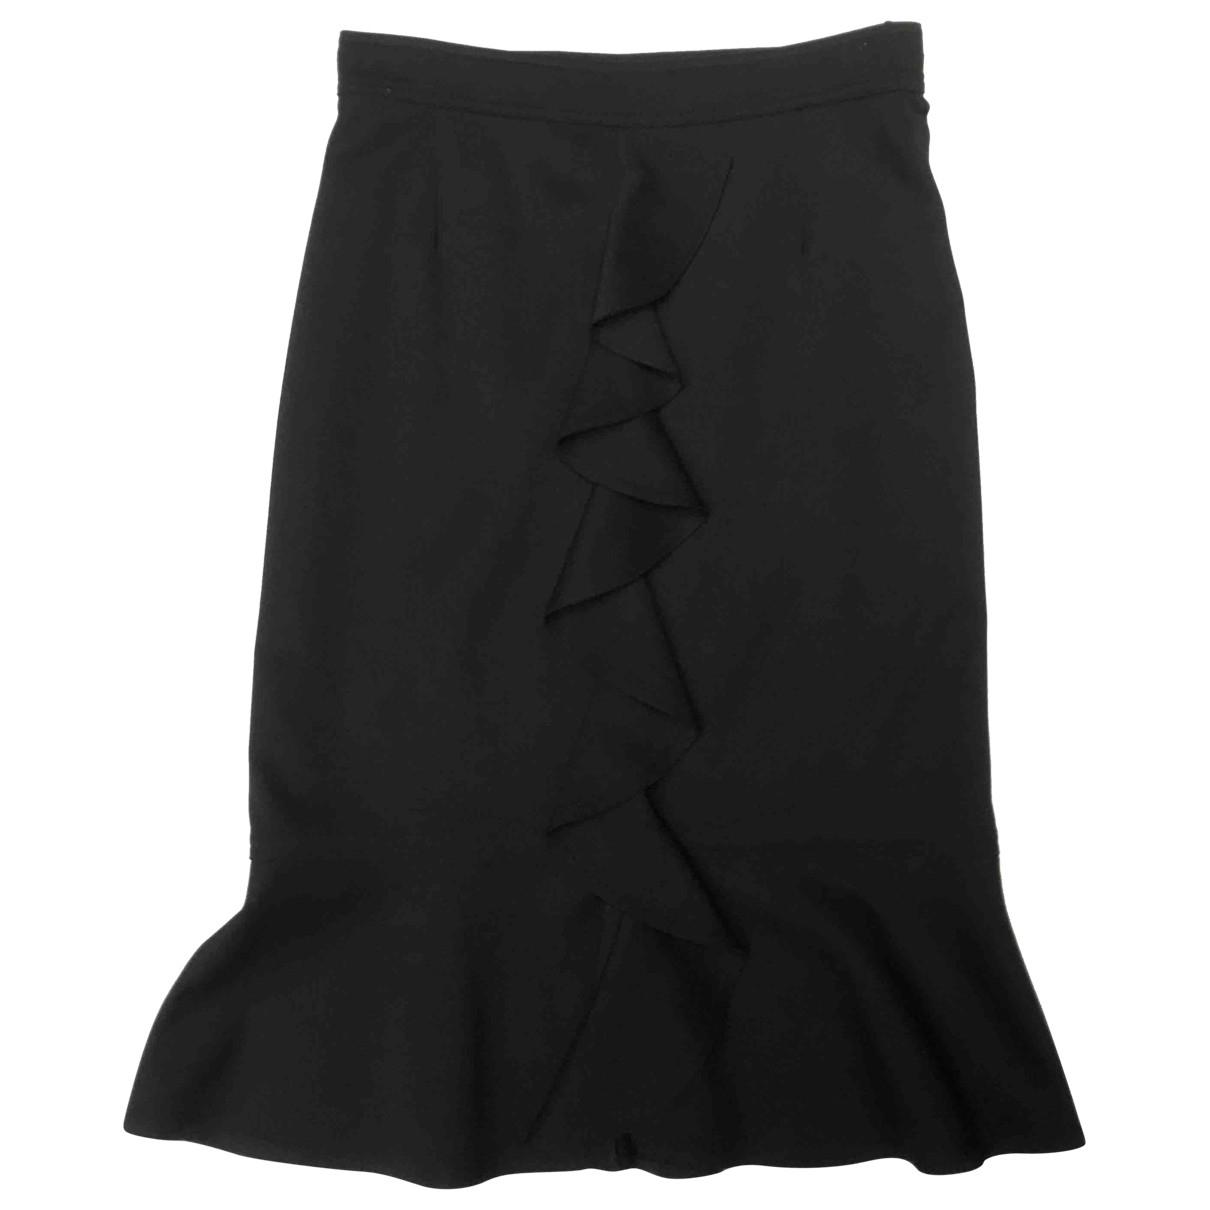 Yves Saint Laurent - Jupe   pour femme - noir